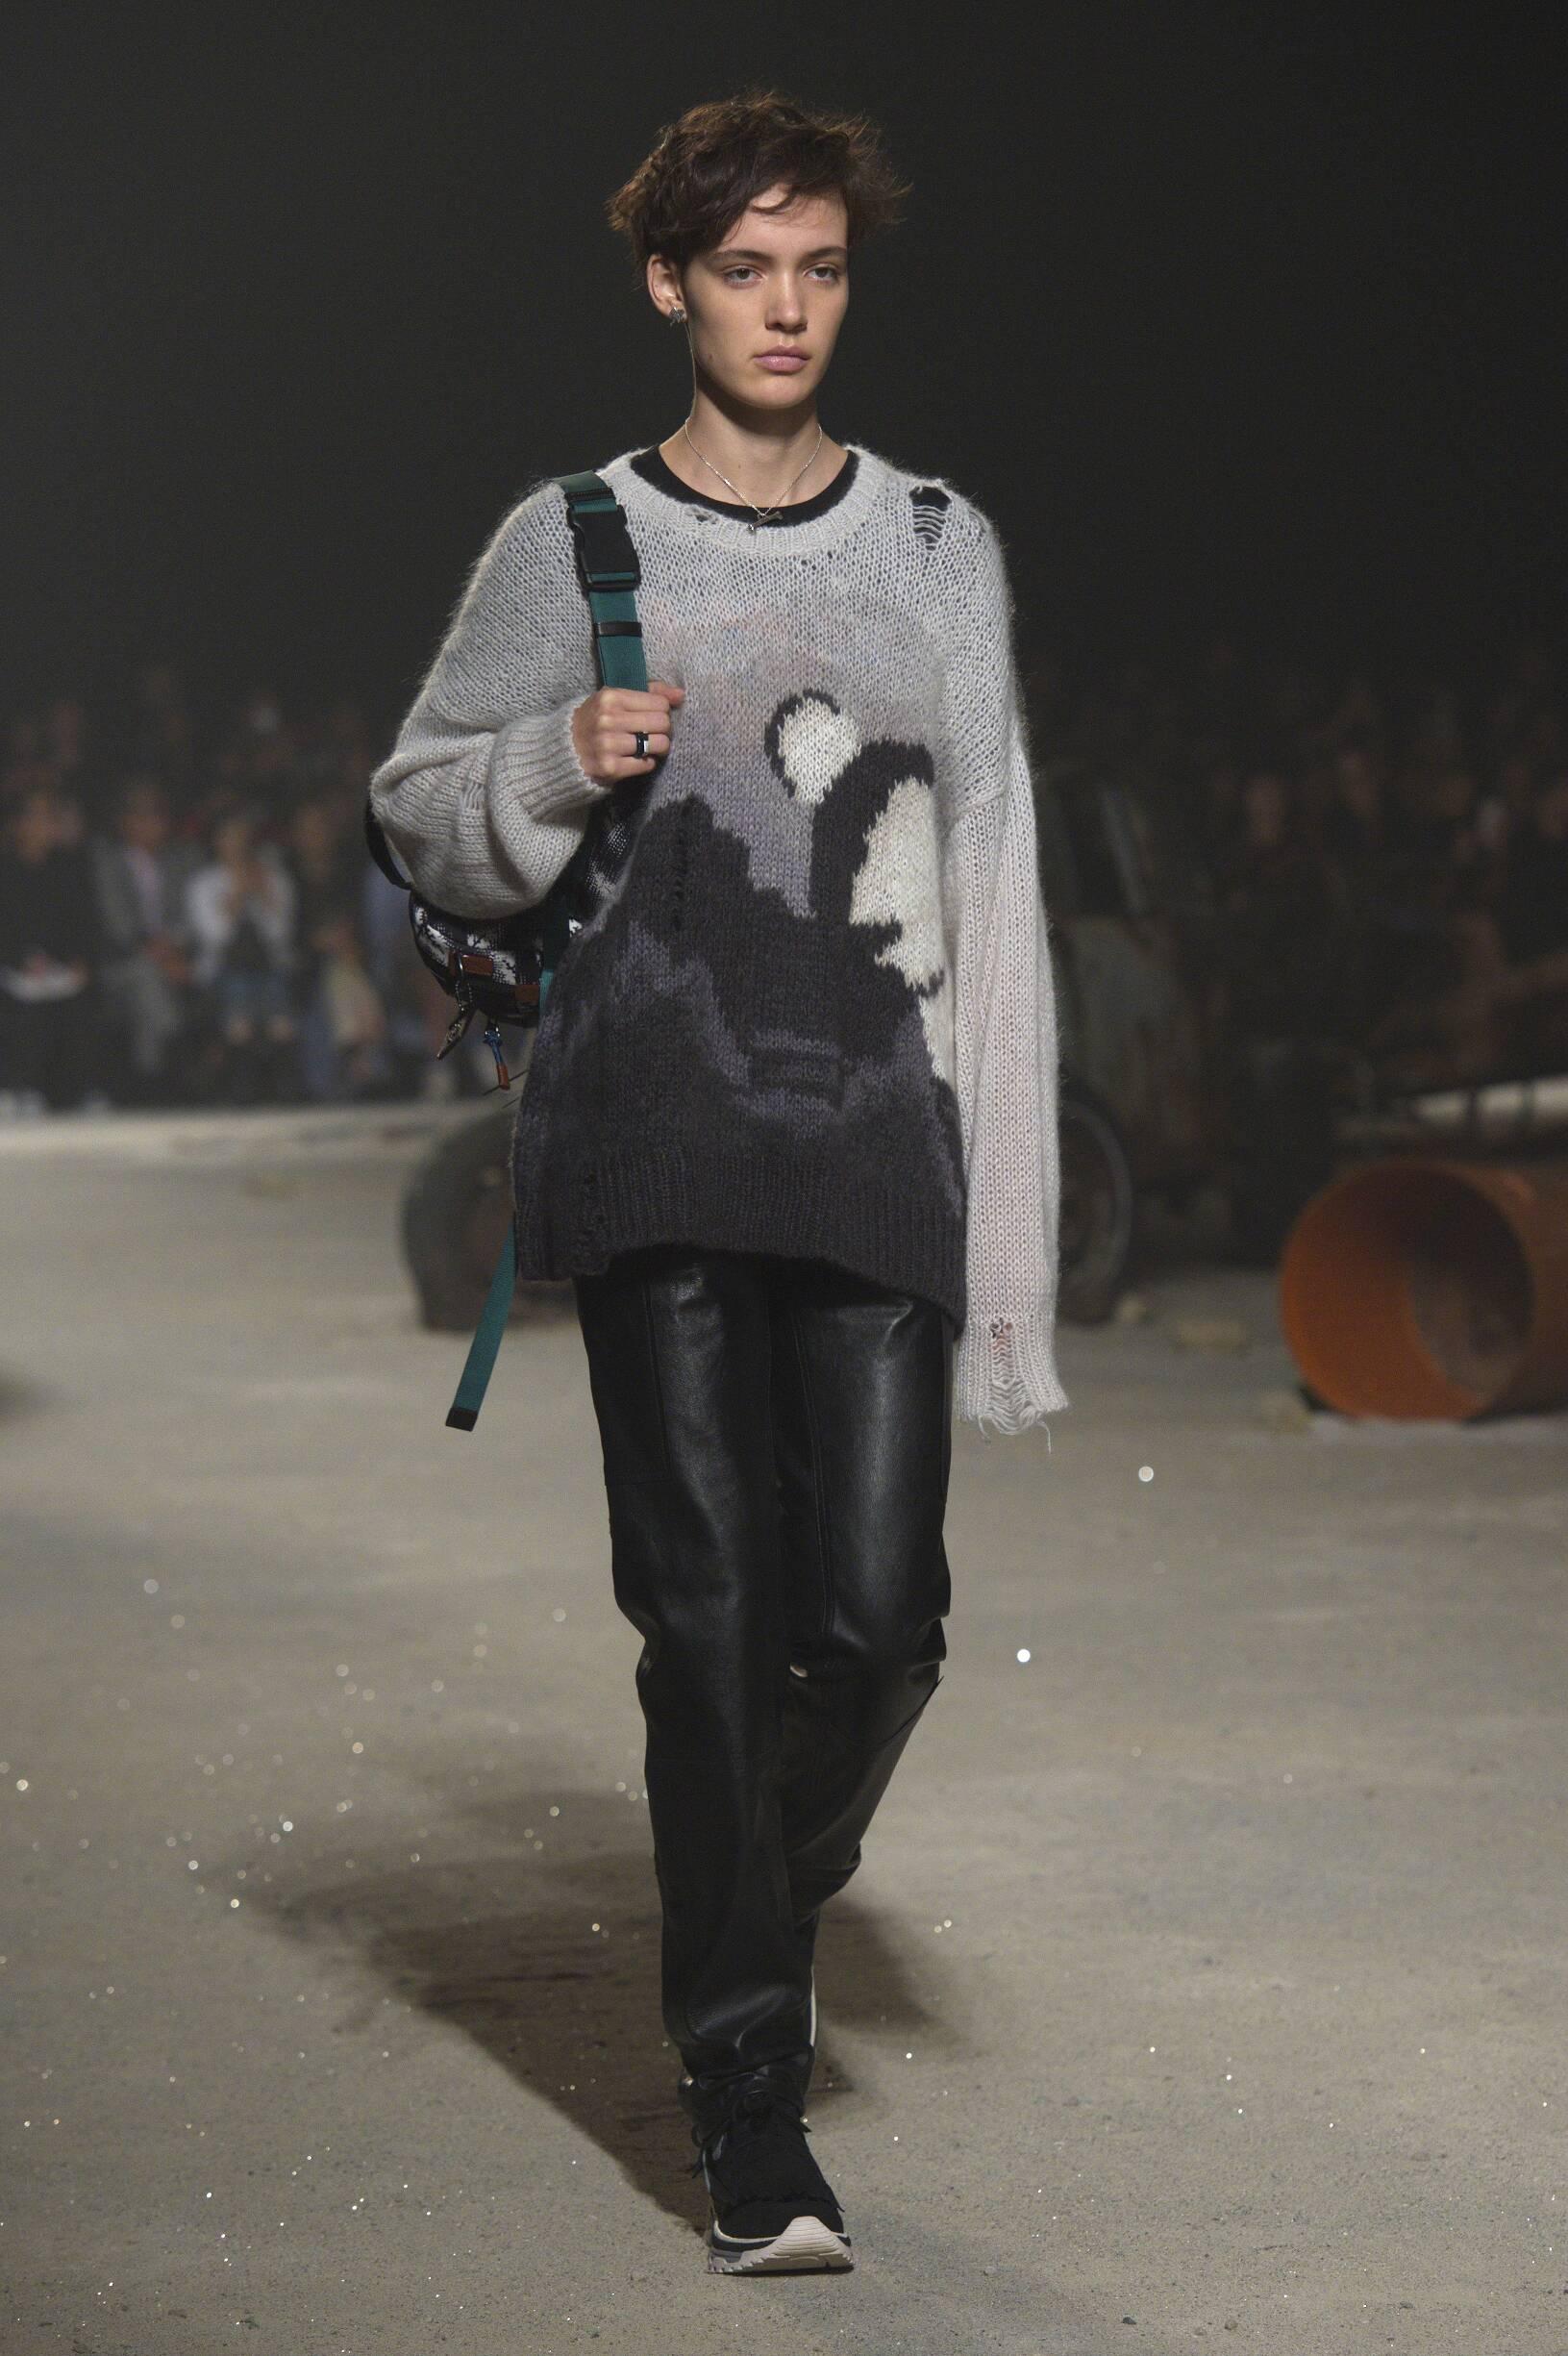 Fashion Model Coach Catwalk